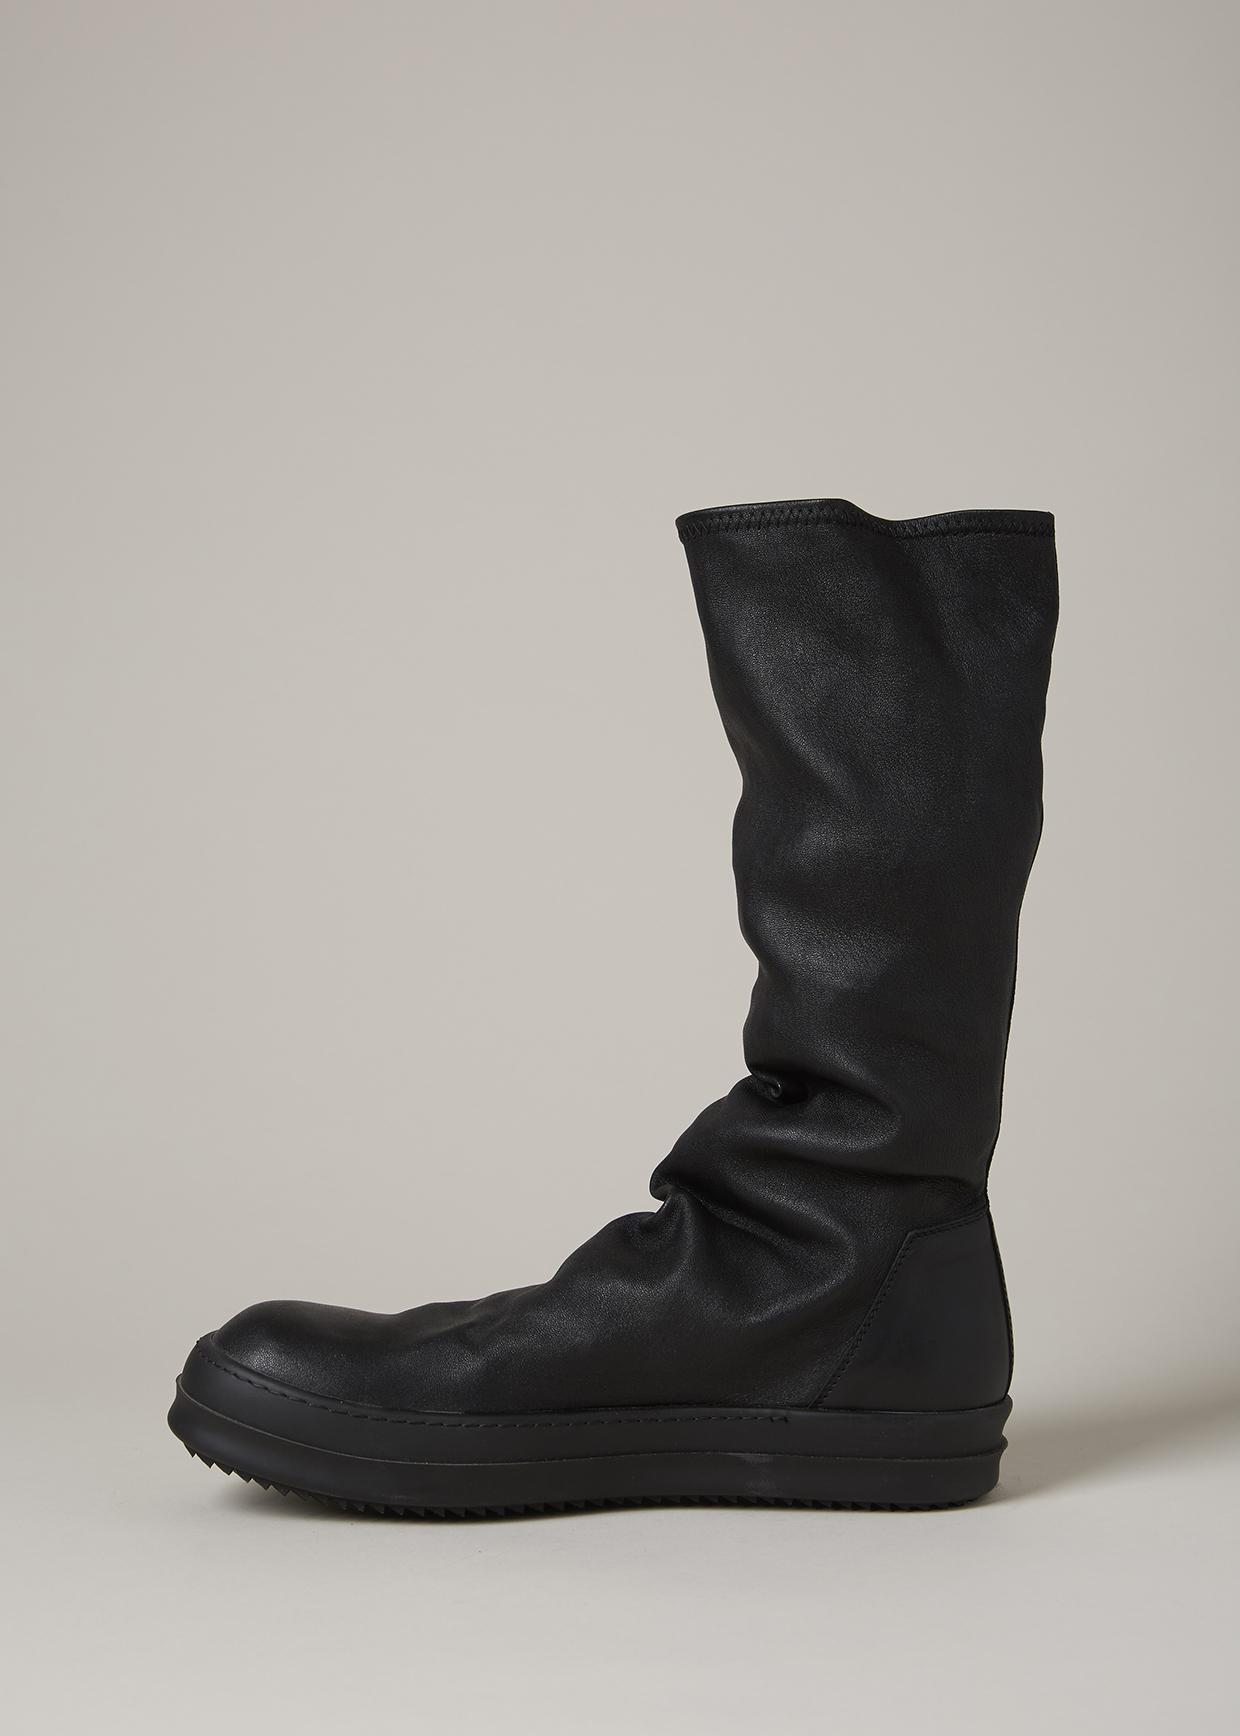 Chaussures De Sport Chaussette Rick Owens - Noir aXtwB